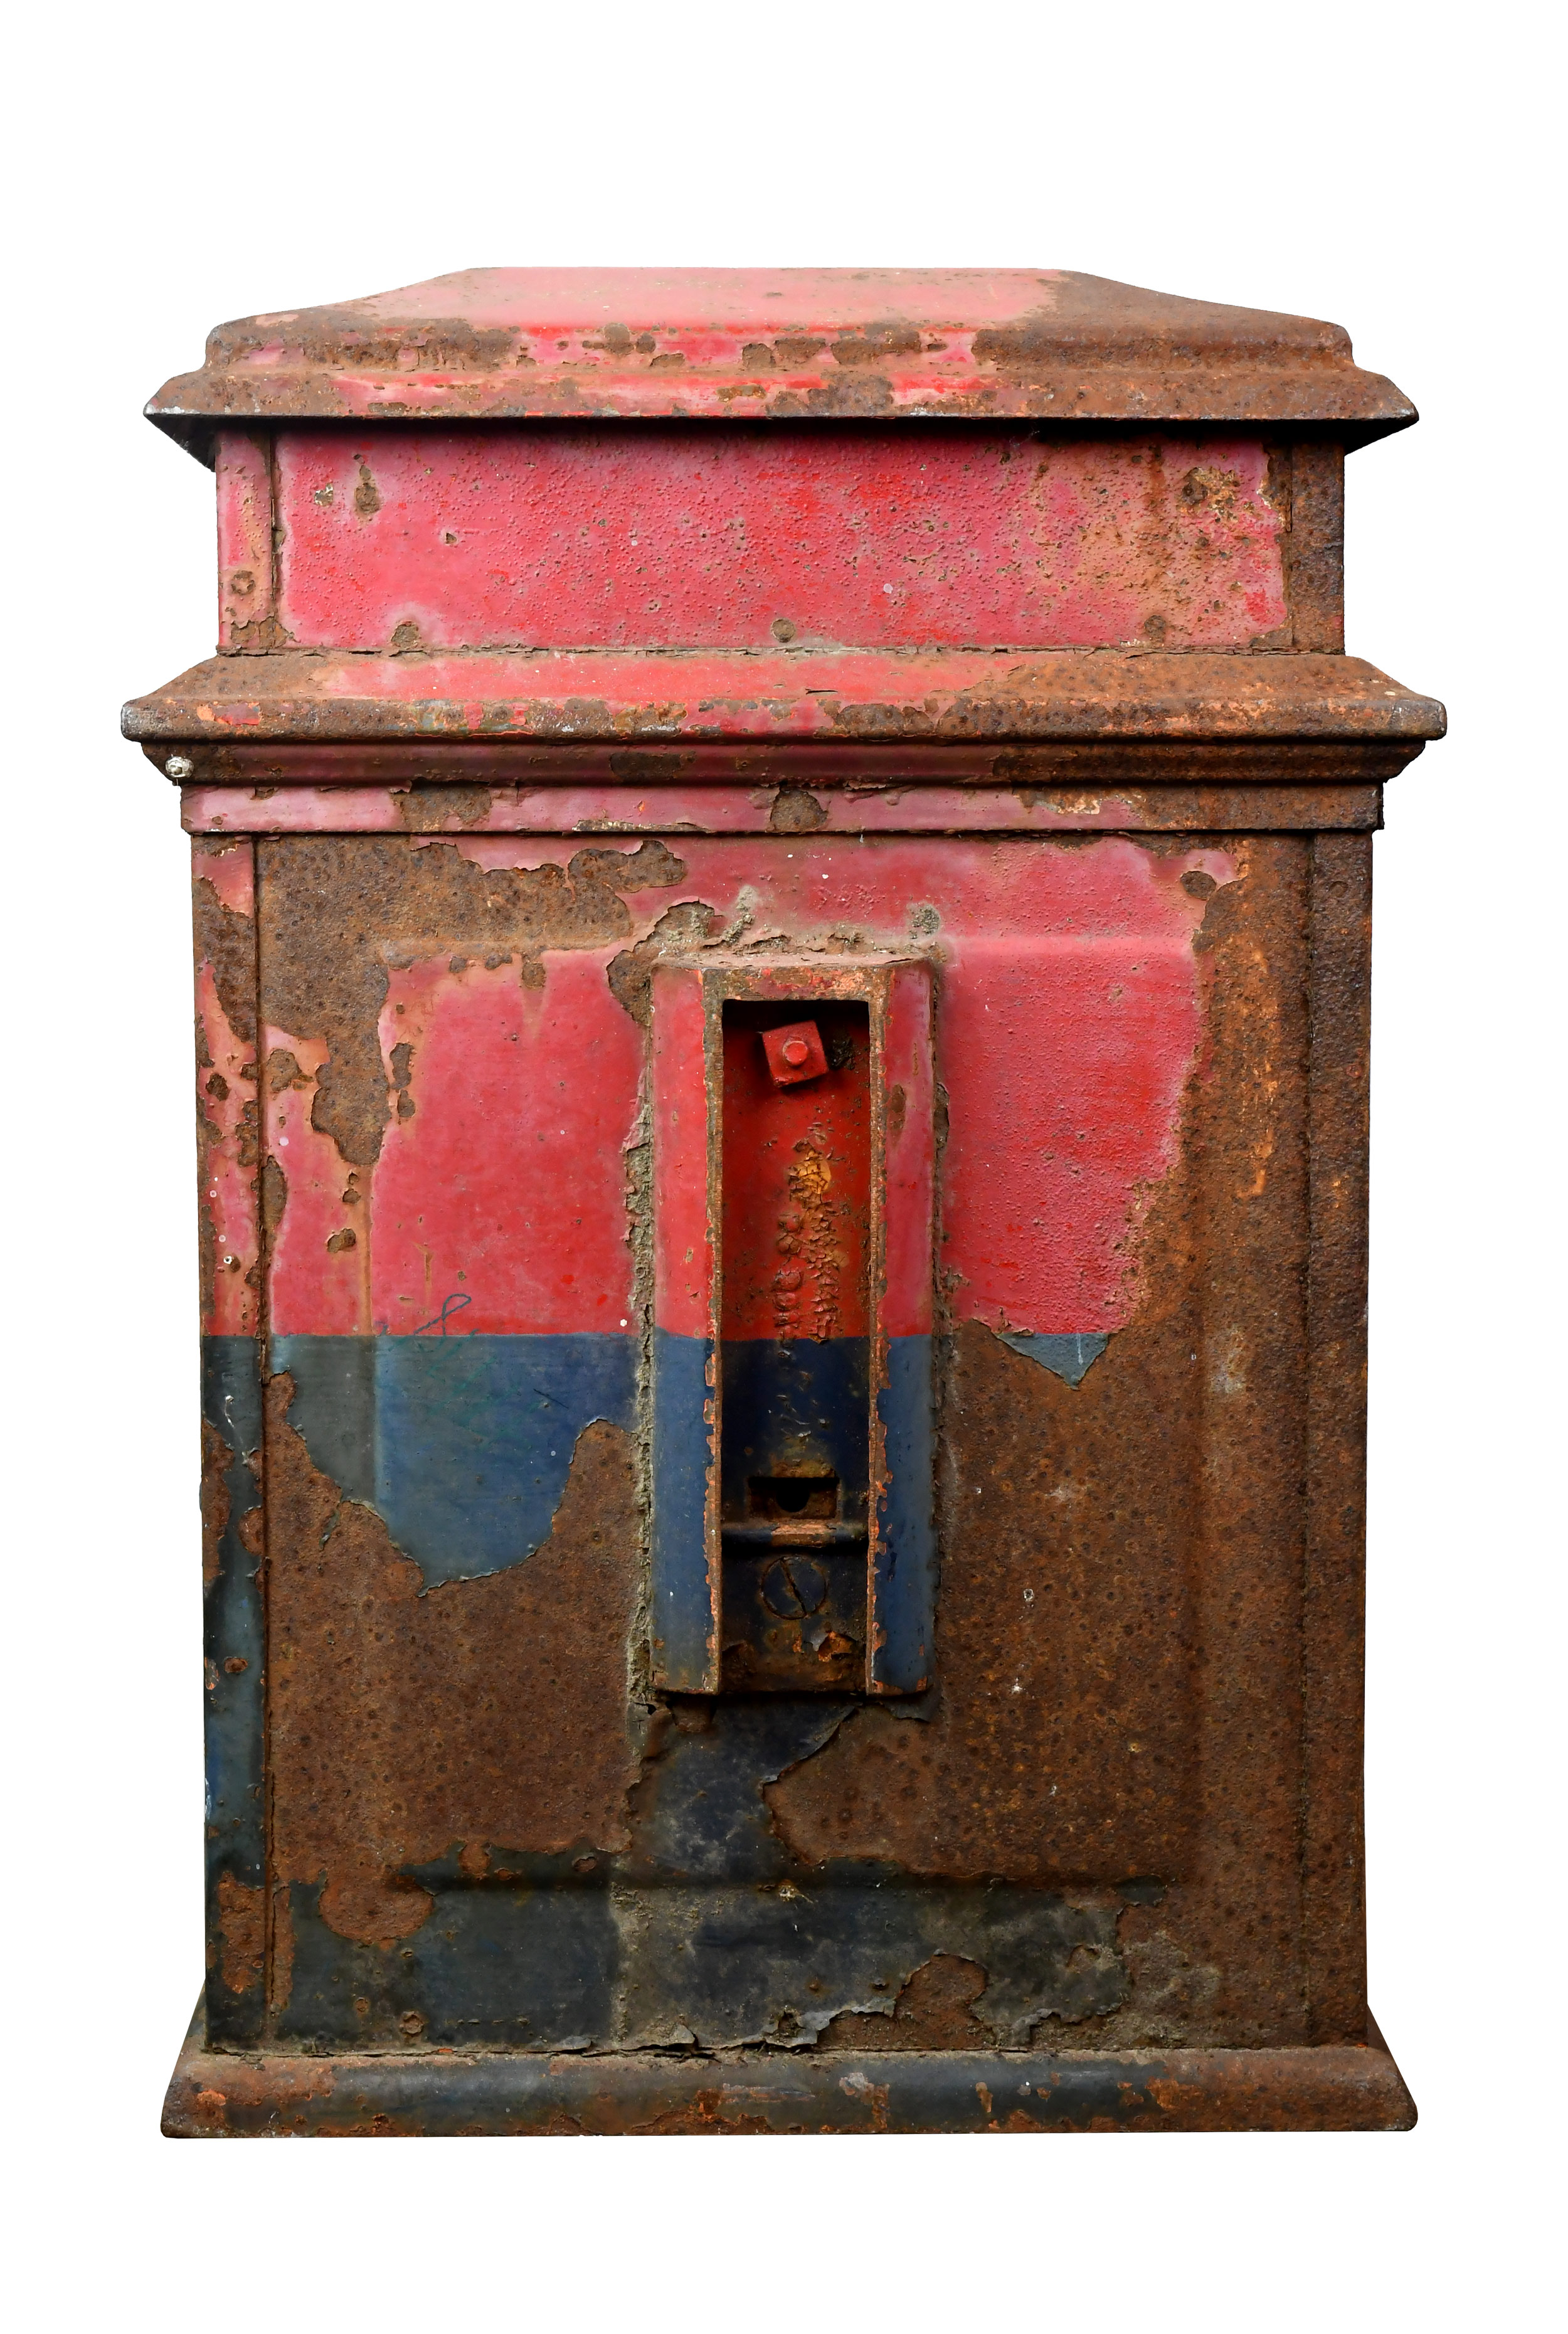 47478-iron-mailbox-back-full-view.jpg